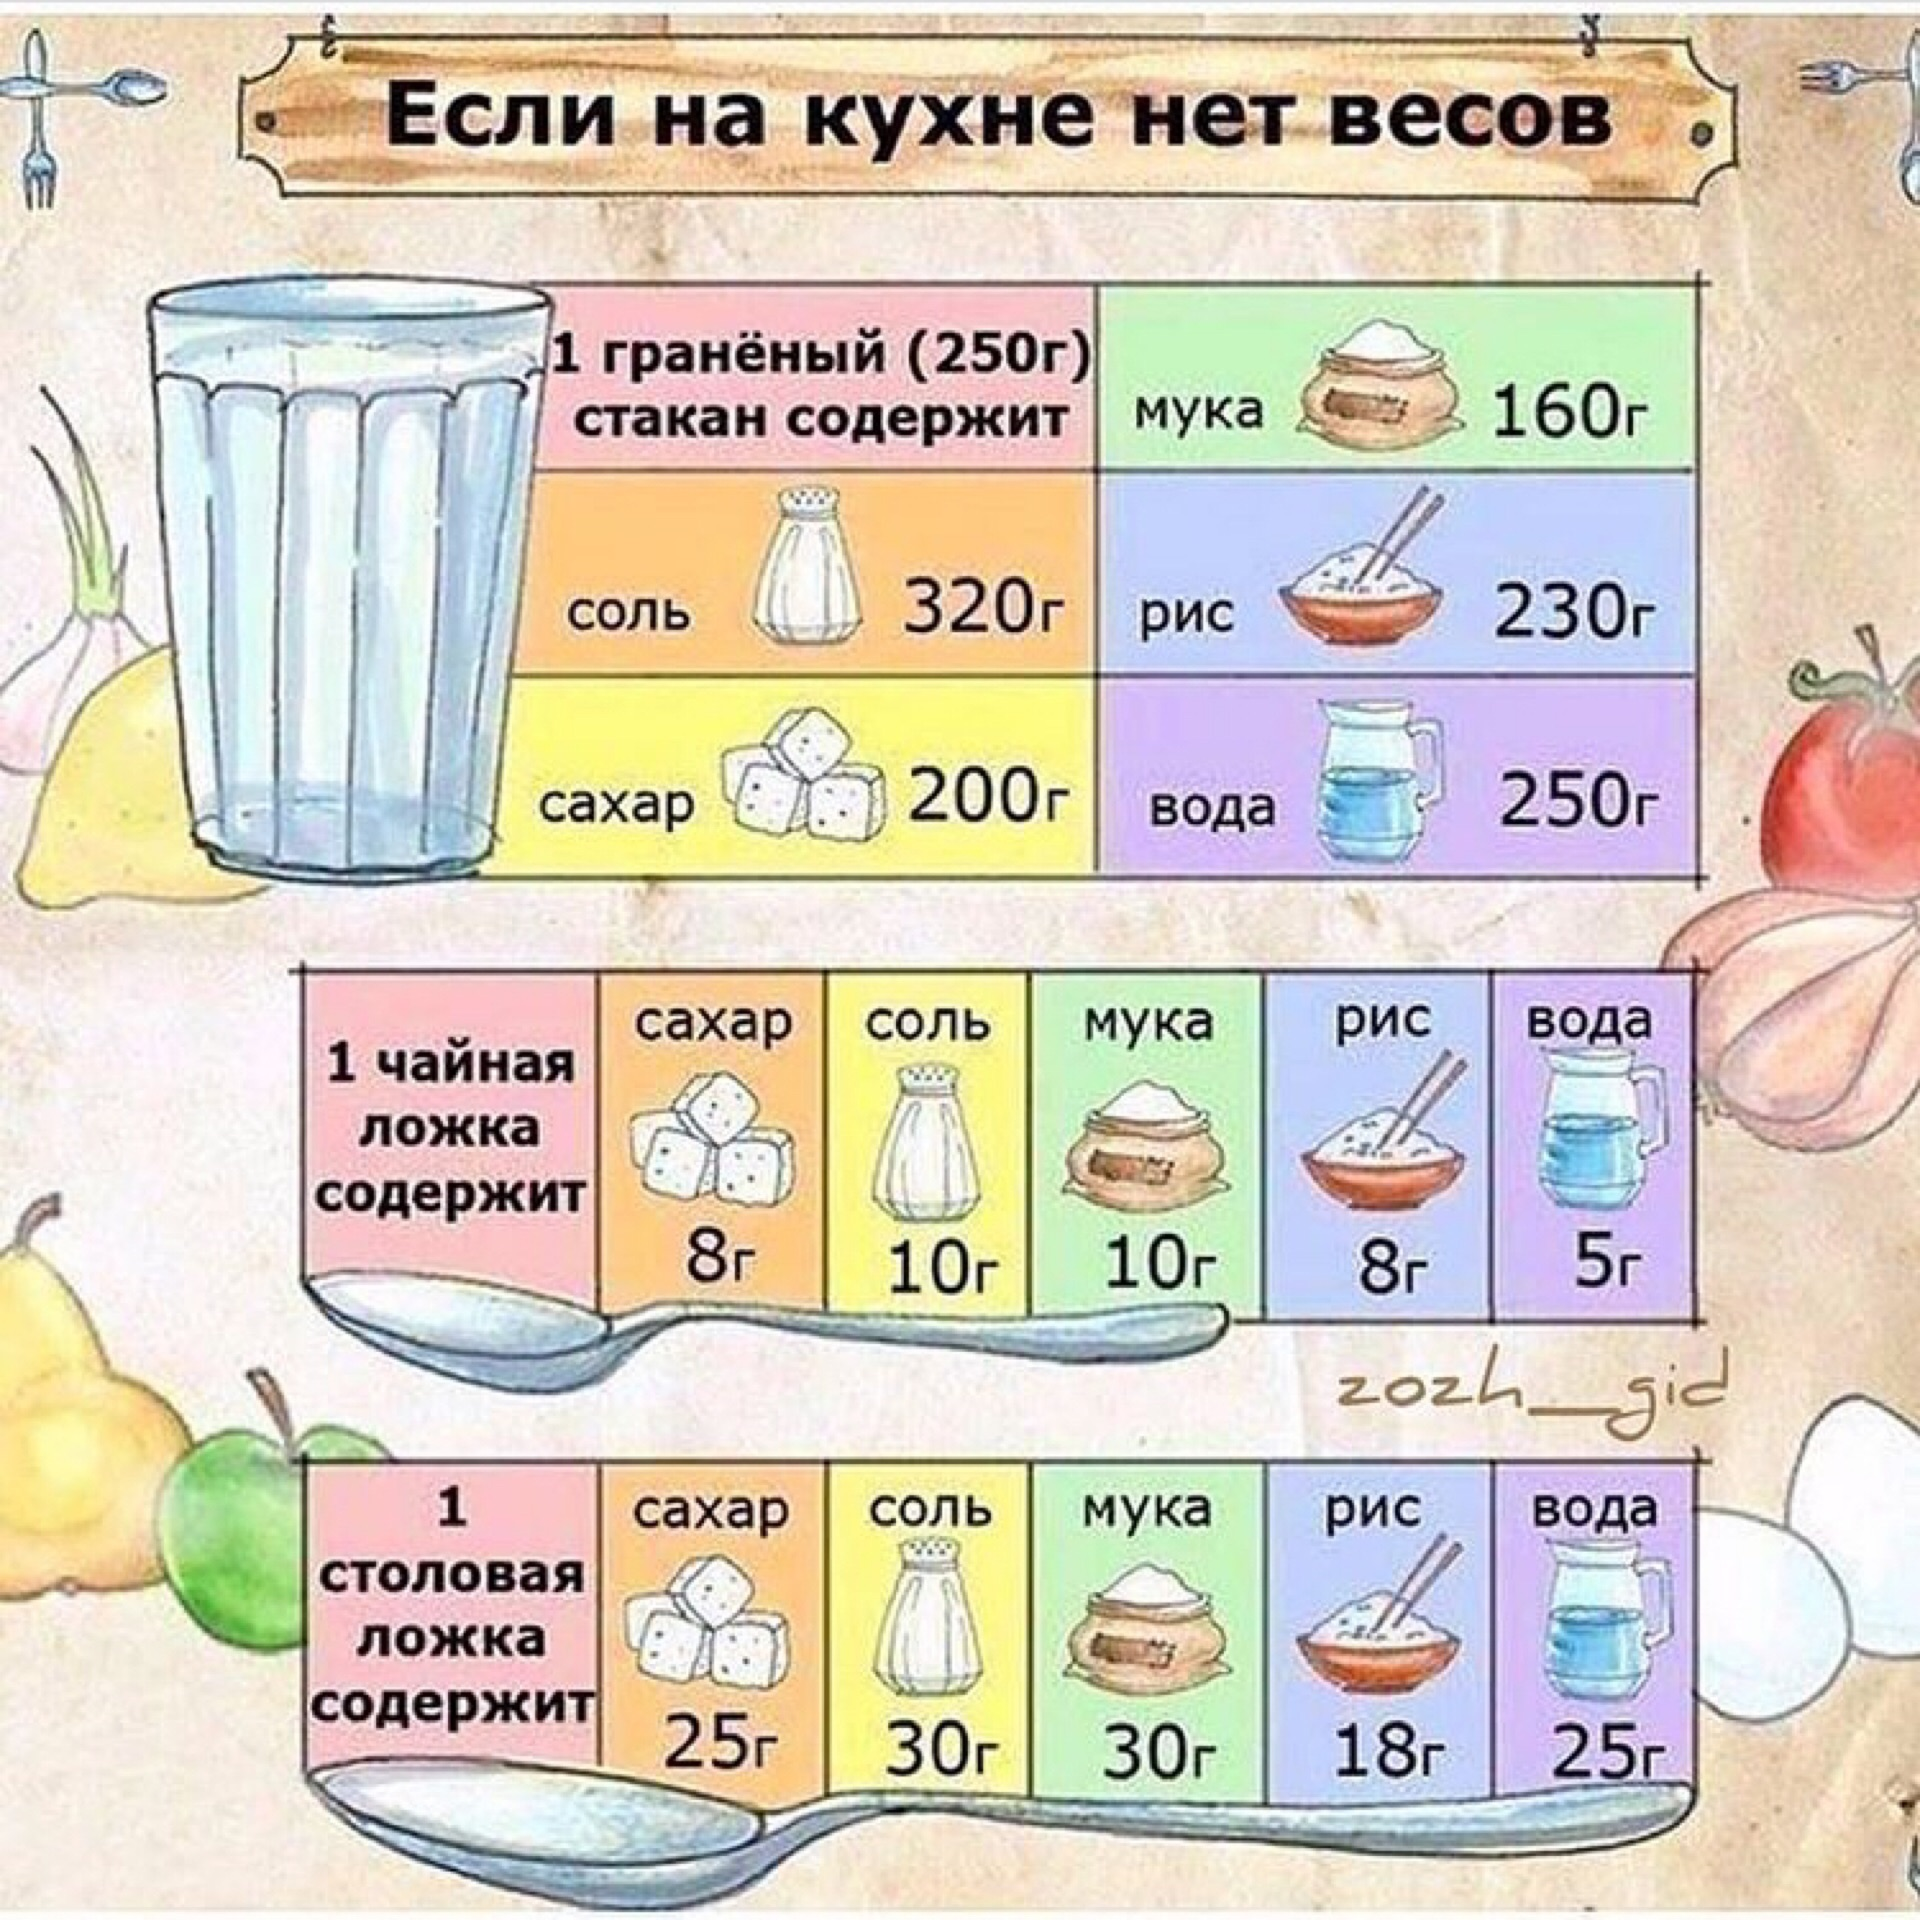 Сколько грамм продуктов в стакане